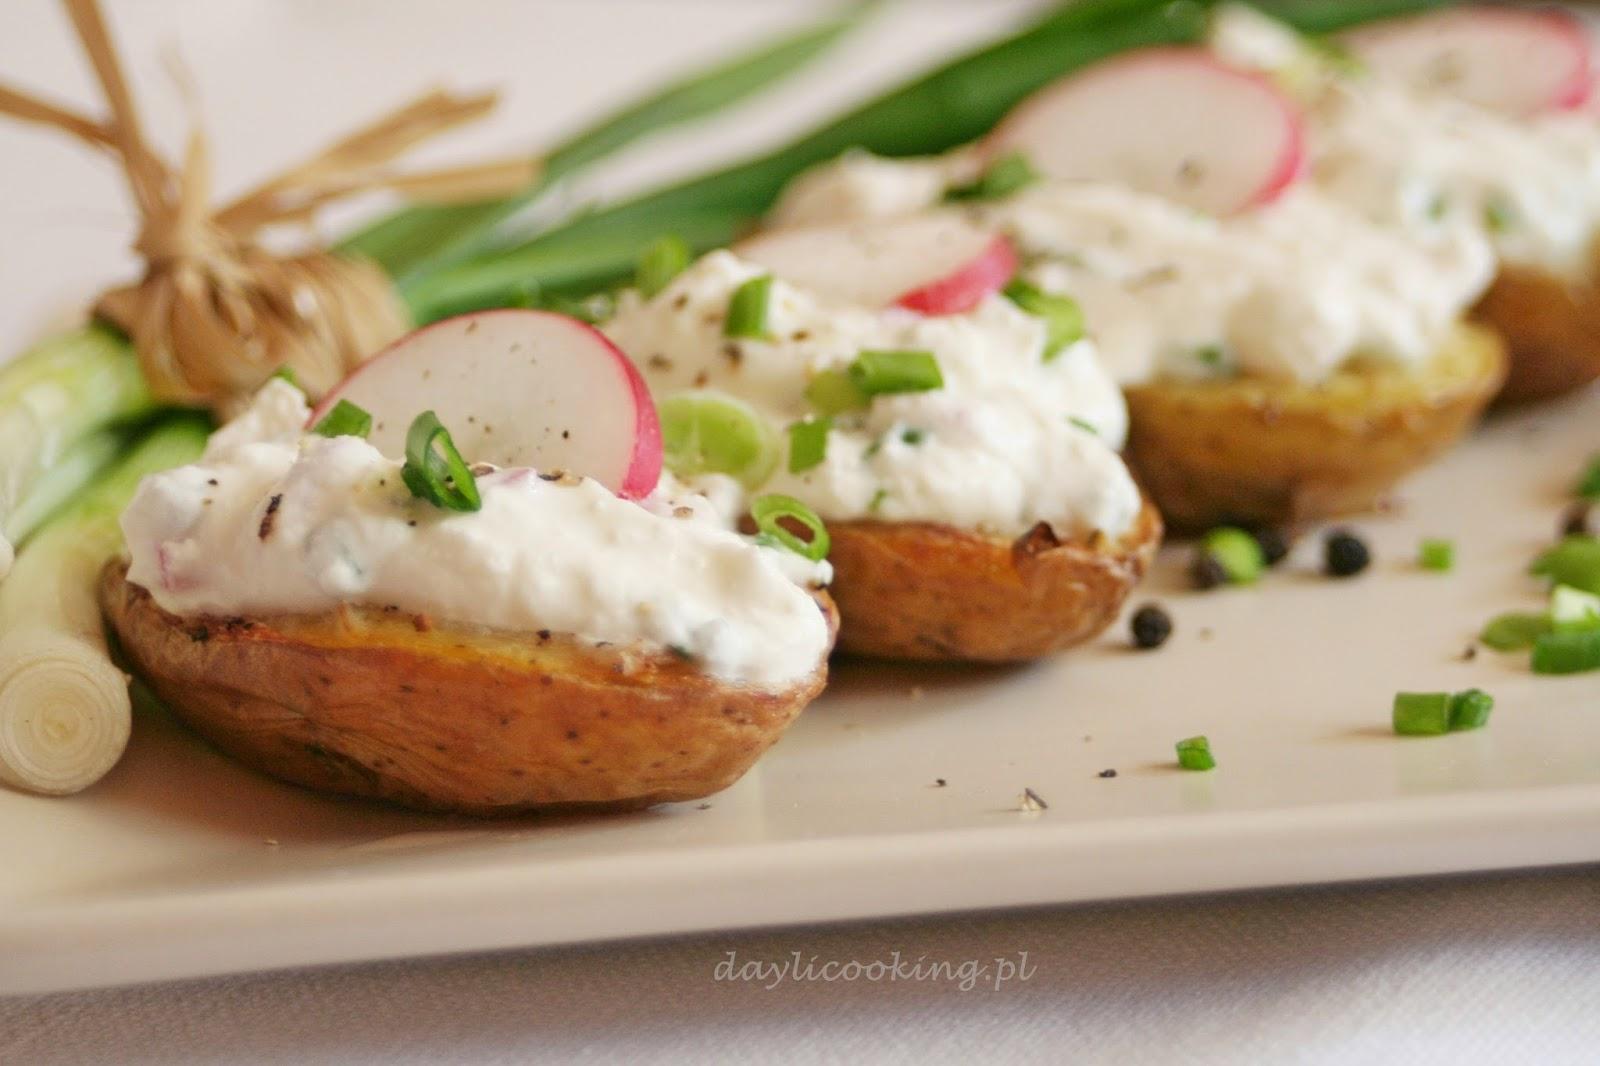 zapiekane ziemniaki, jak upiec ziemniaki, daylicooking